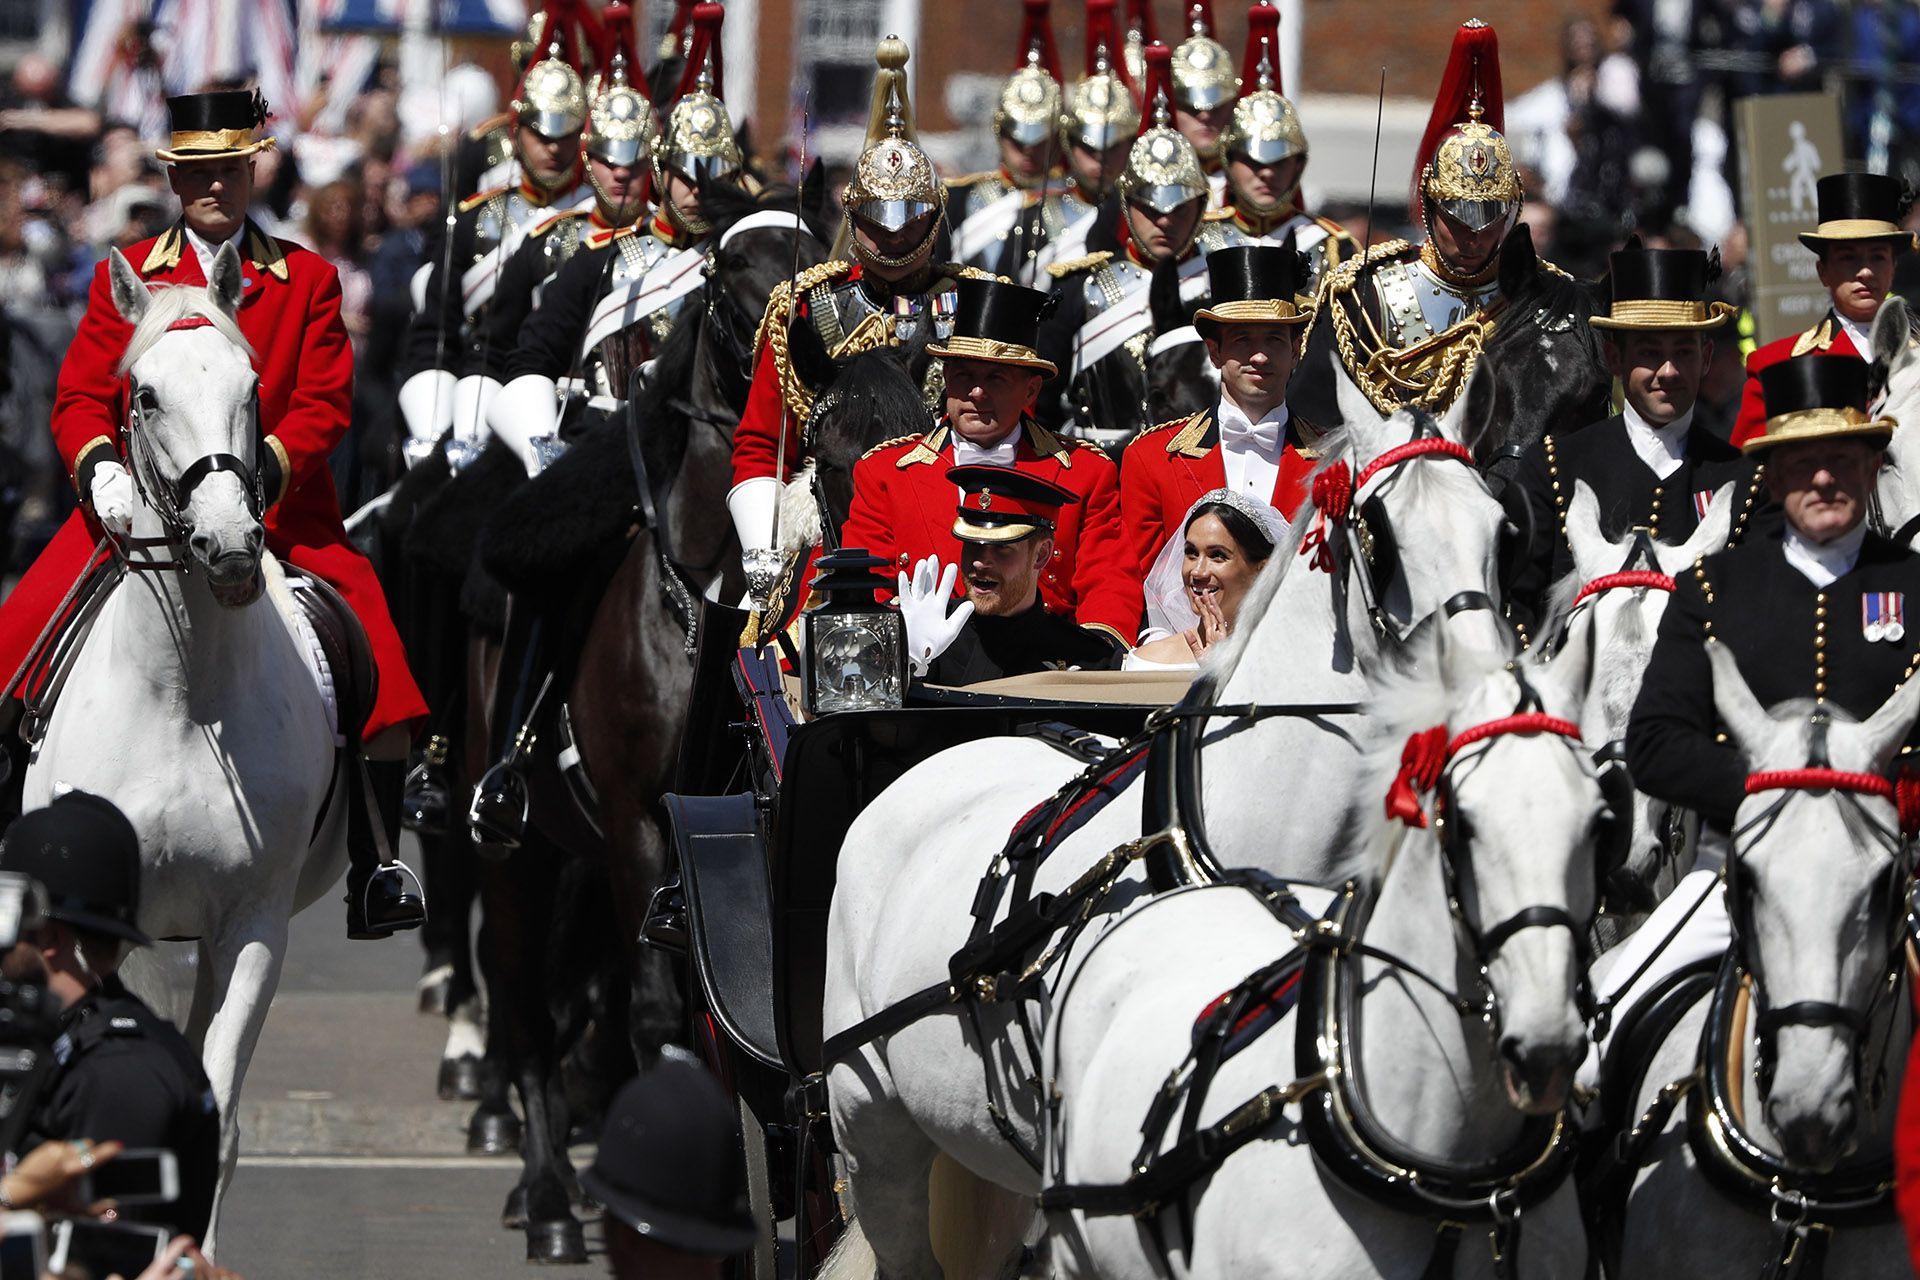 El recorrido de los recién casados fue de tres kilómetros. Salieron y regresaron al Castillo de Windsor luego de saludar a la gente que esperaba en las calles con banderas de ambos países: Reino Unido y Estados Unidos (AFP)